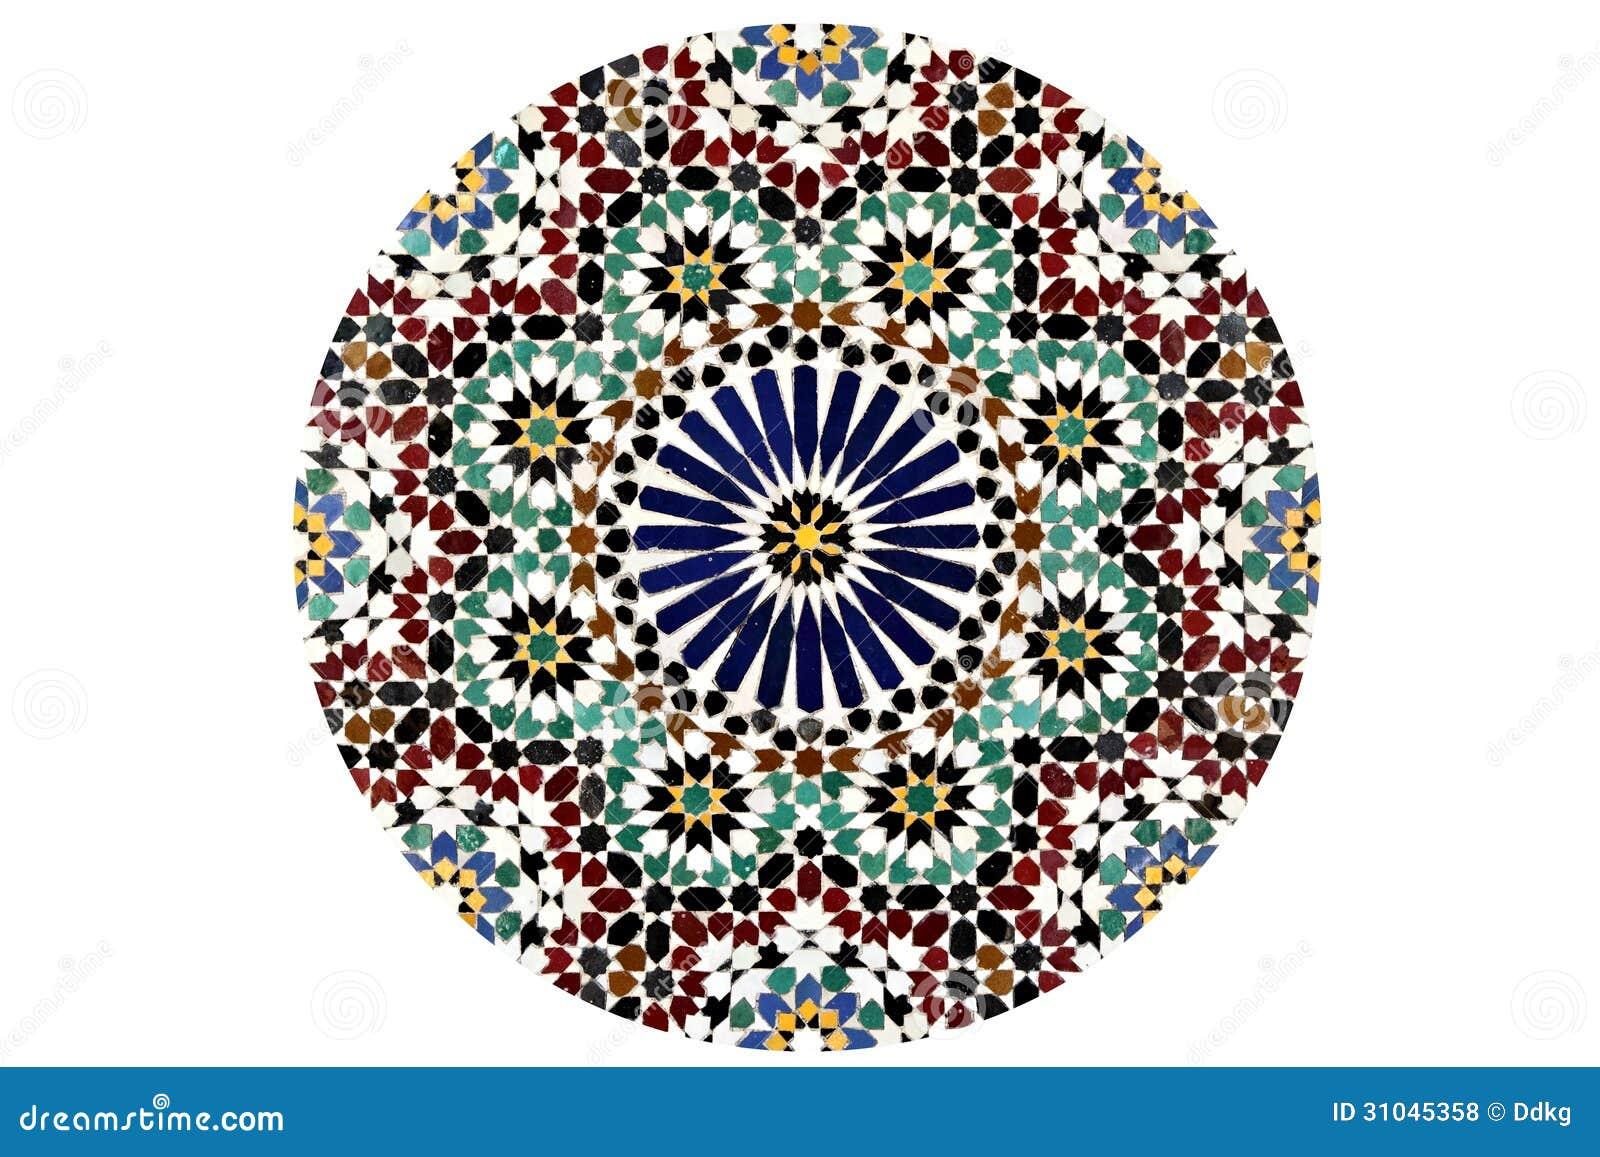 arabesken mosaik muster kreis lokalisiert auf einem weien hintergrund - Mosaik Muster